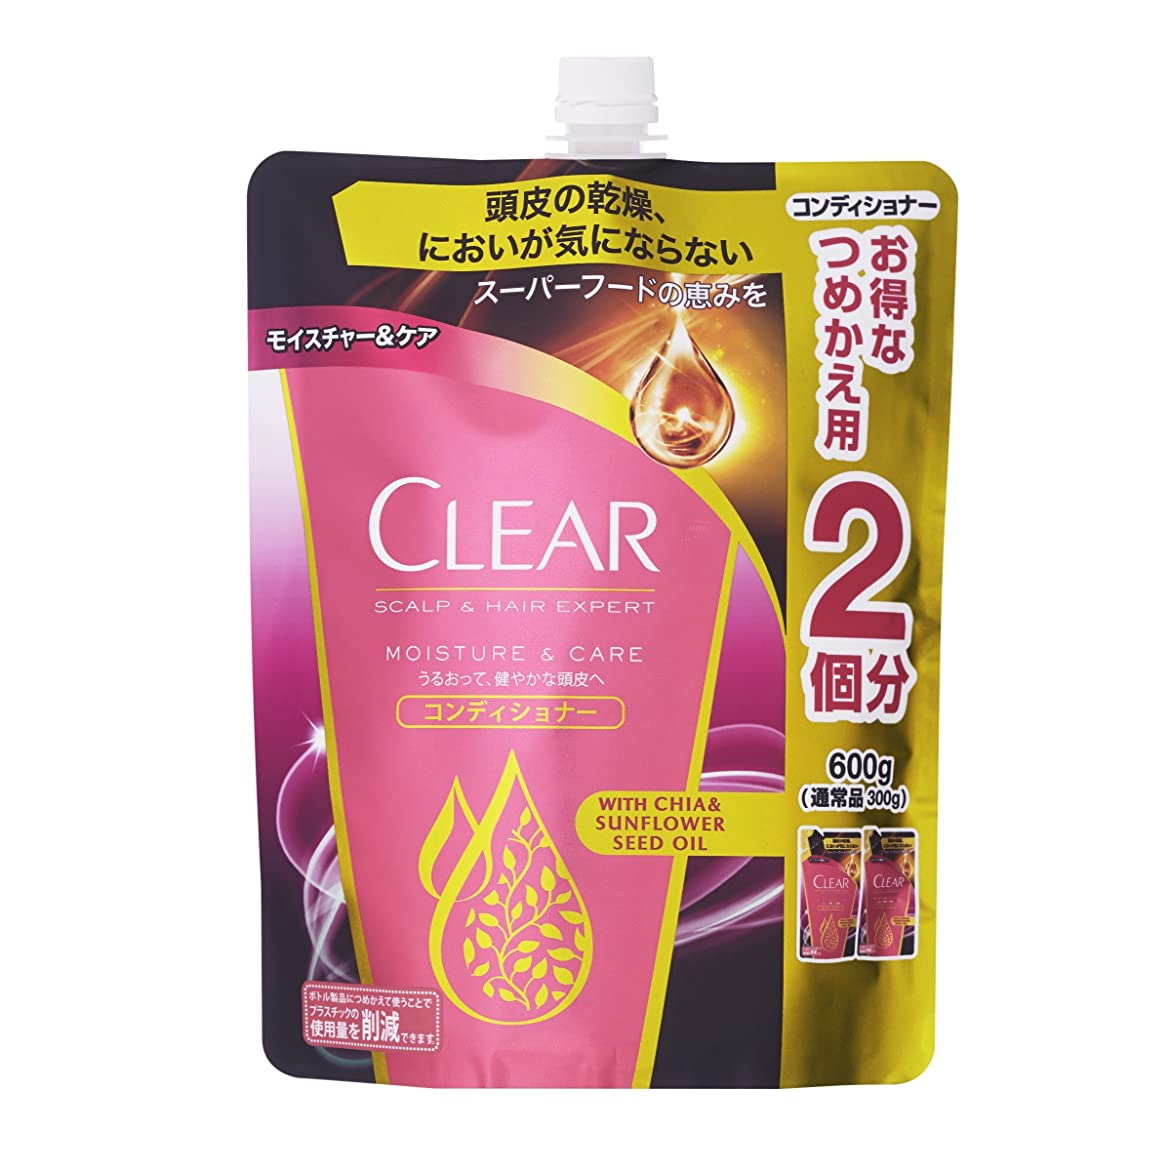 テザーアクティビティ力強いクリア モイスチャー&ケア コンディショナー つめかえ用 (うるおって、健やかな頭皮へ) 600g